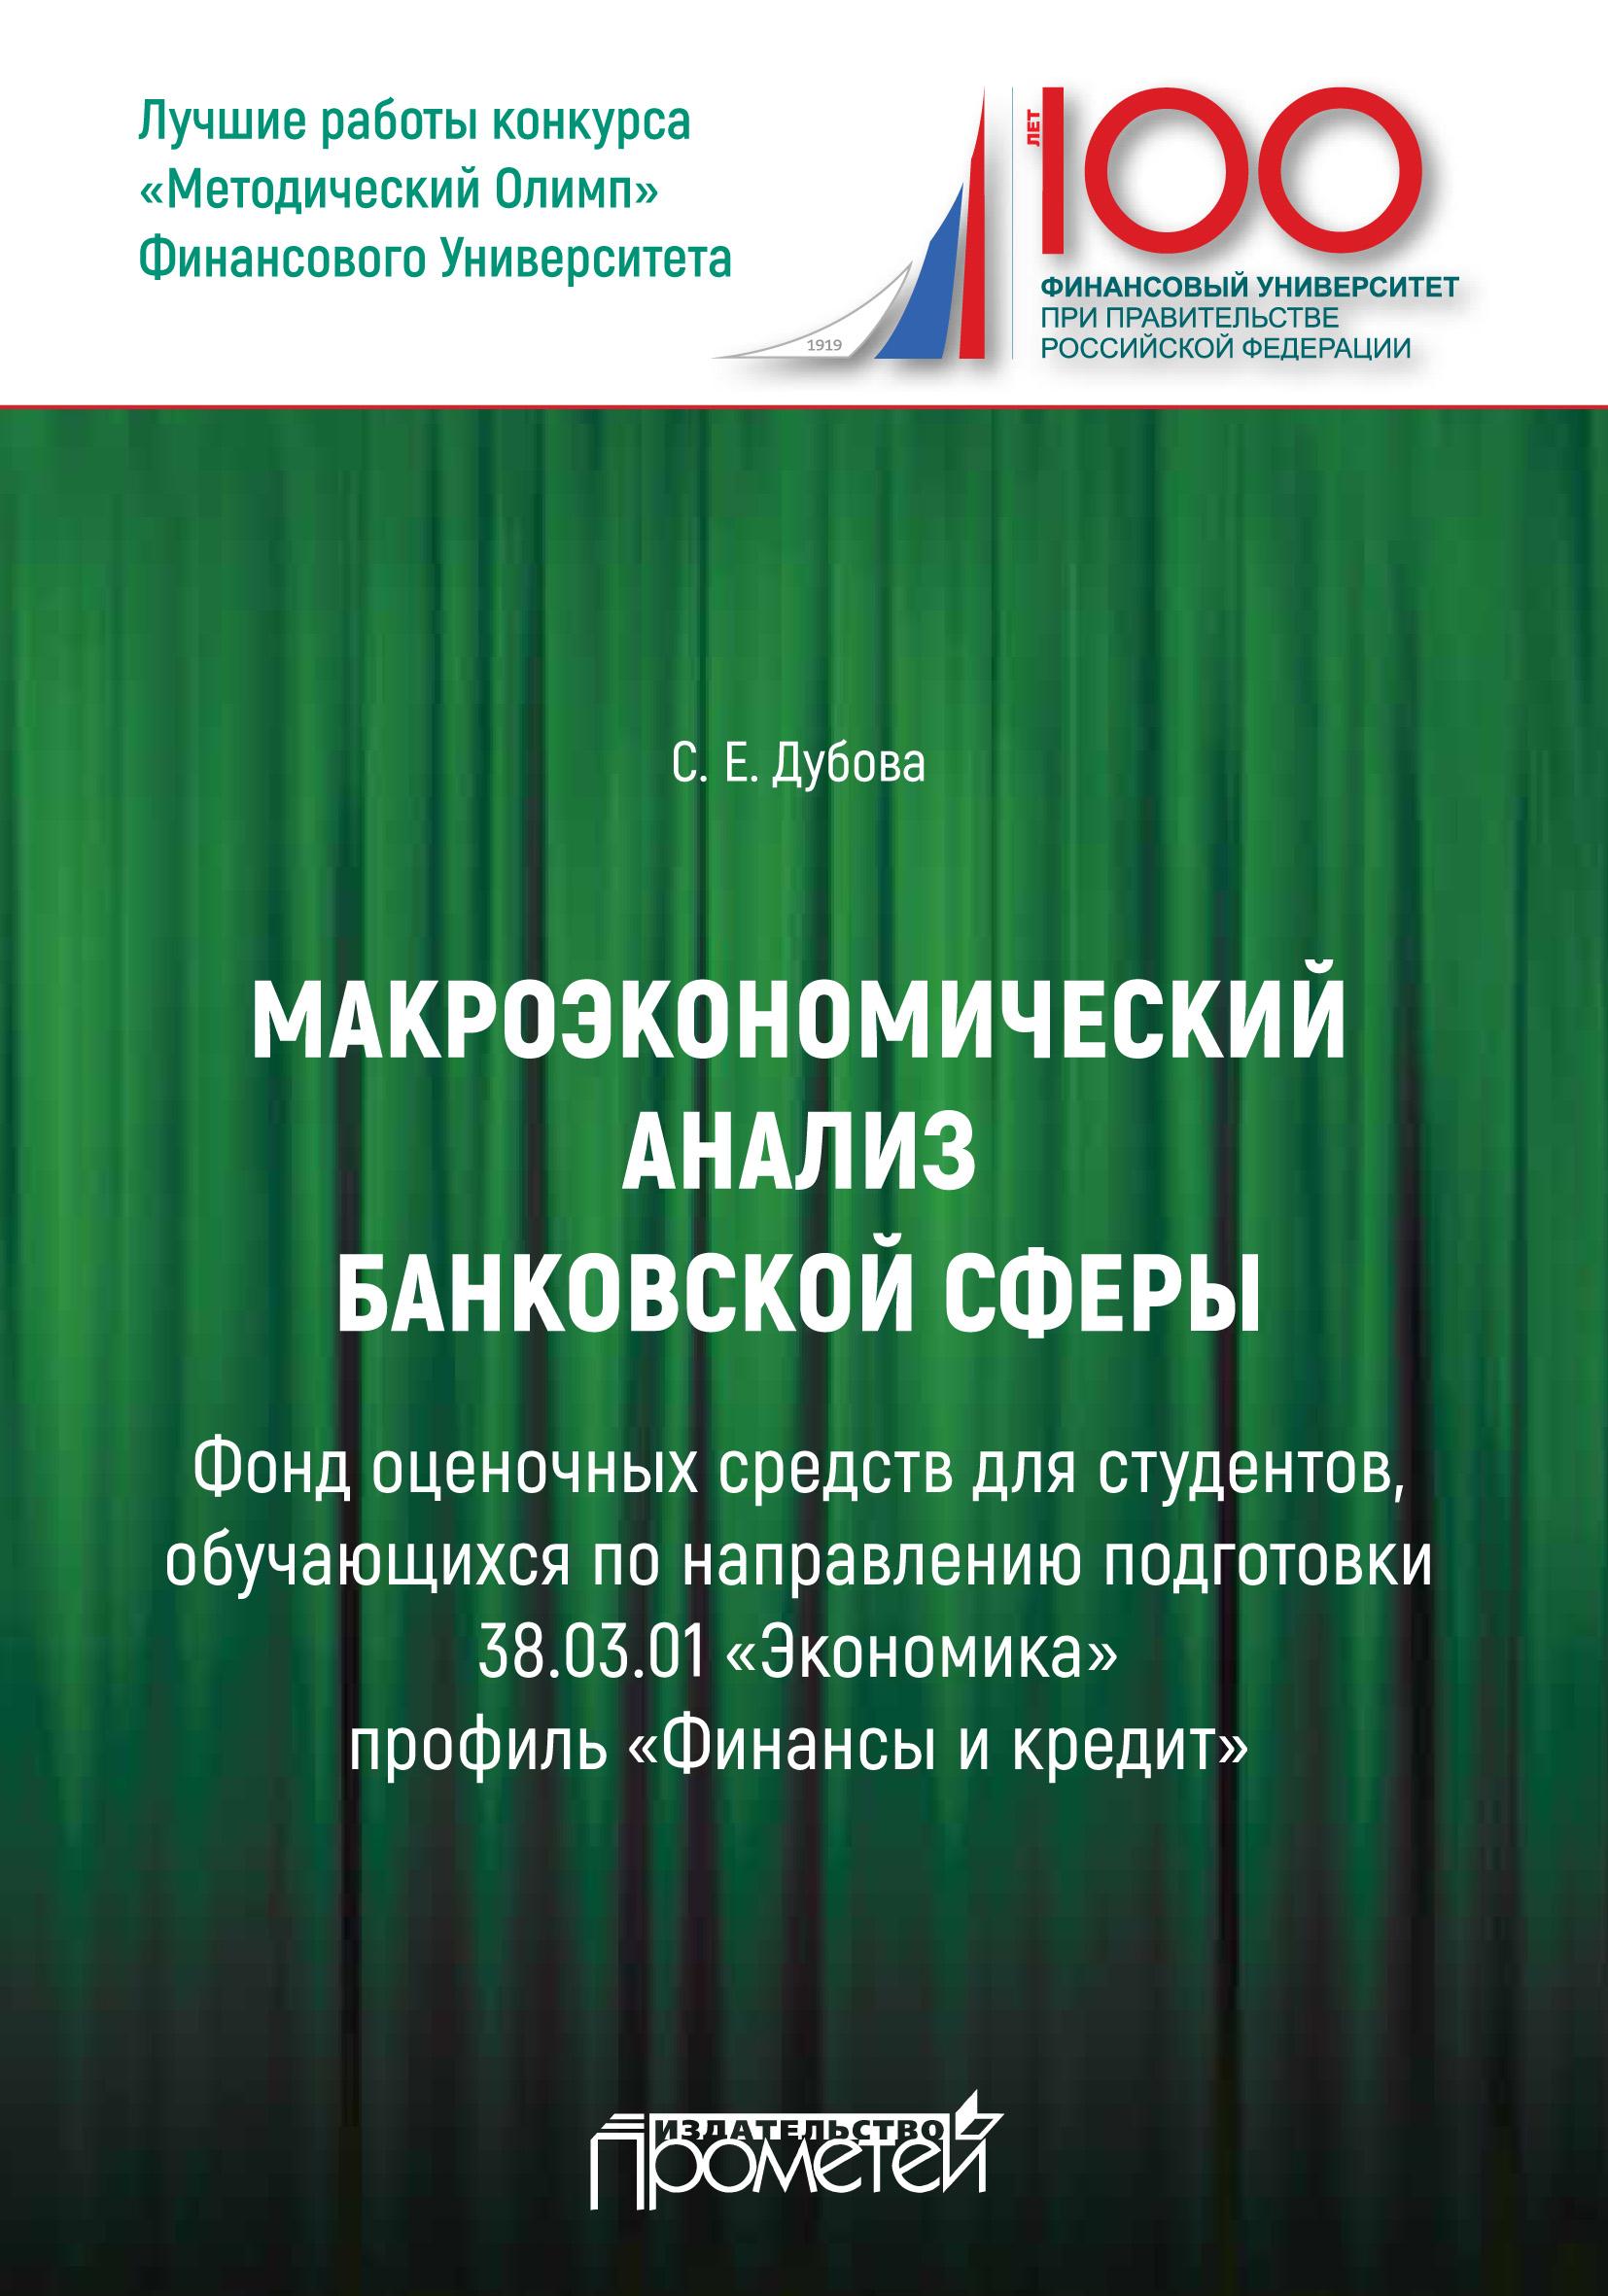 С. Е. Дубова Макроэкономический анализ банковской сферы коллектив авторов макроэкономический анализ банковской сферы